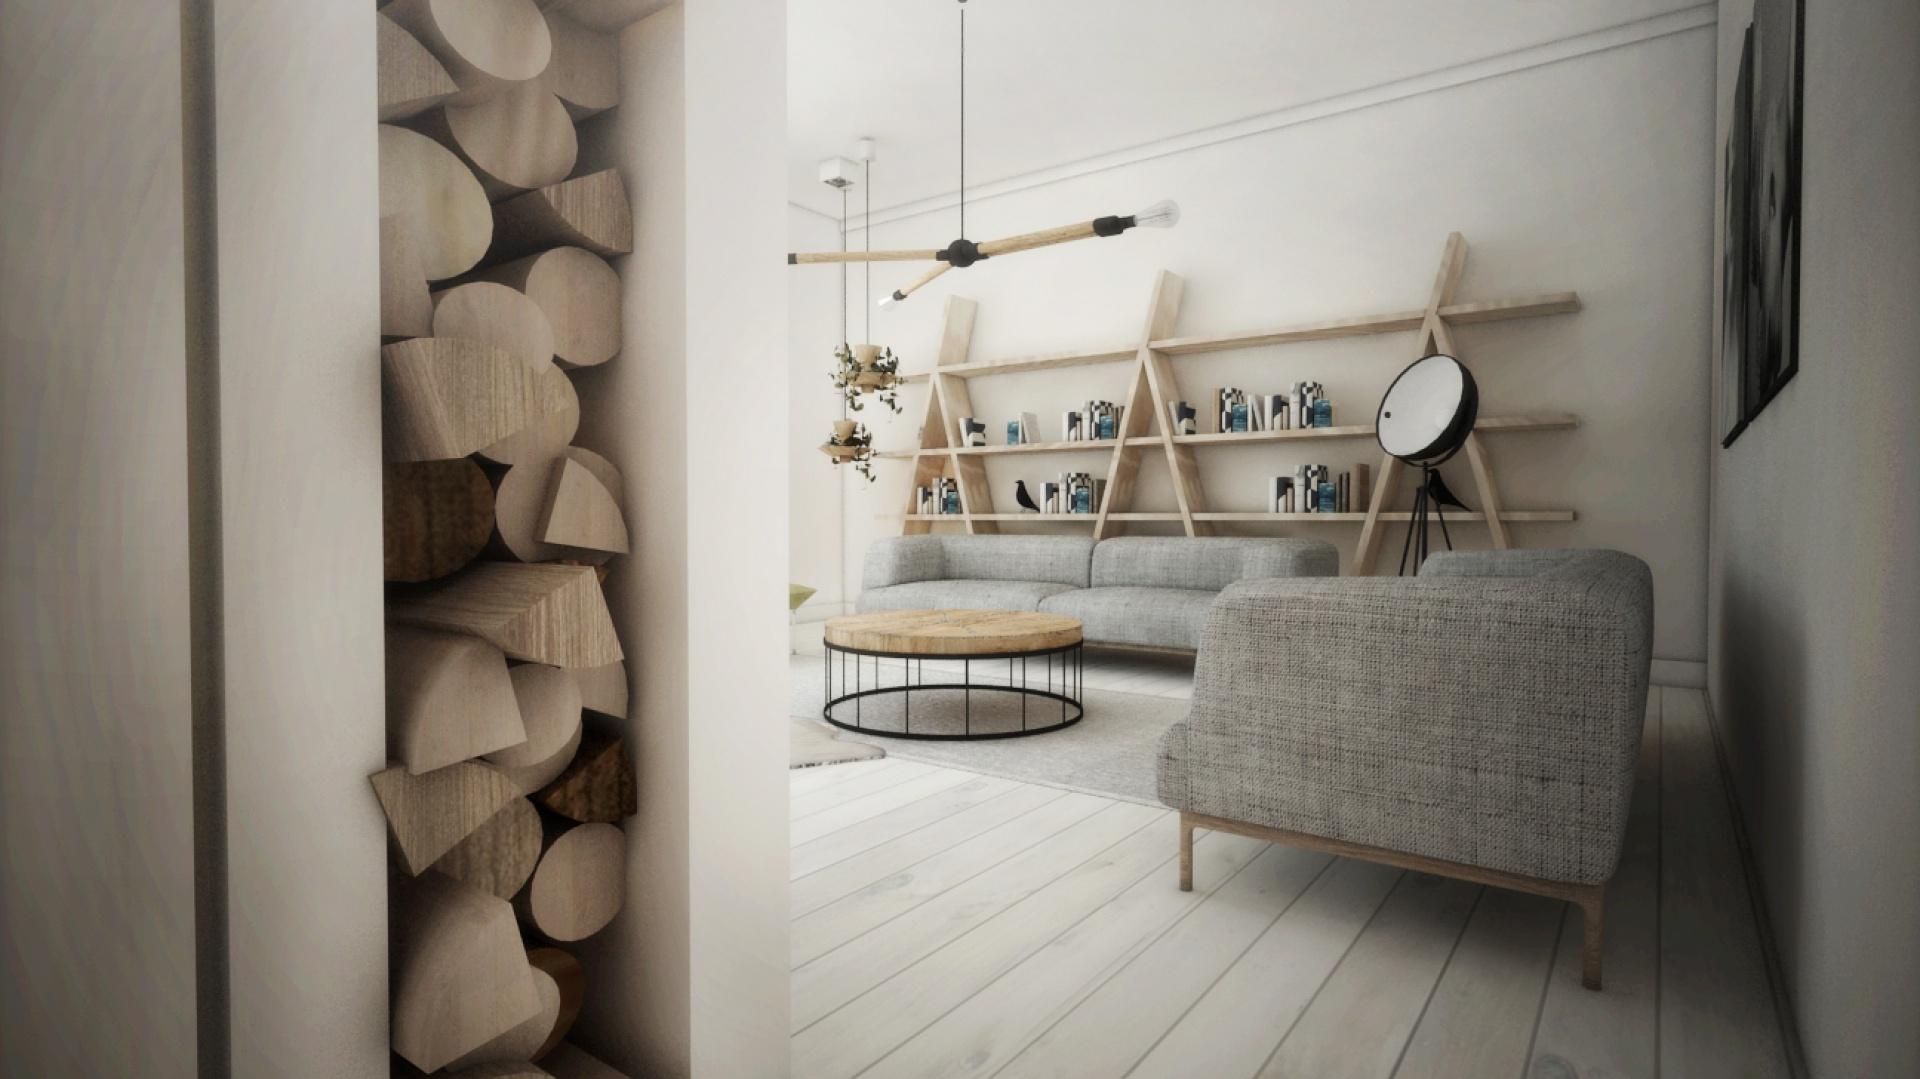 Przez wnętrze, właściciele chcieli podkreślić swoje fascynacje i szacunek do natury. Projekt Home And Wood